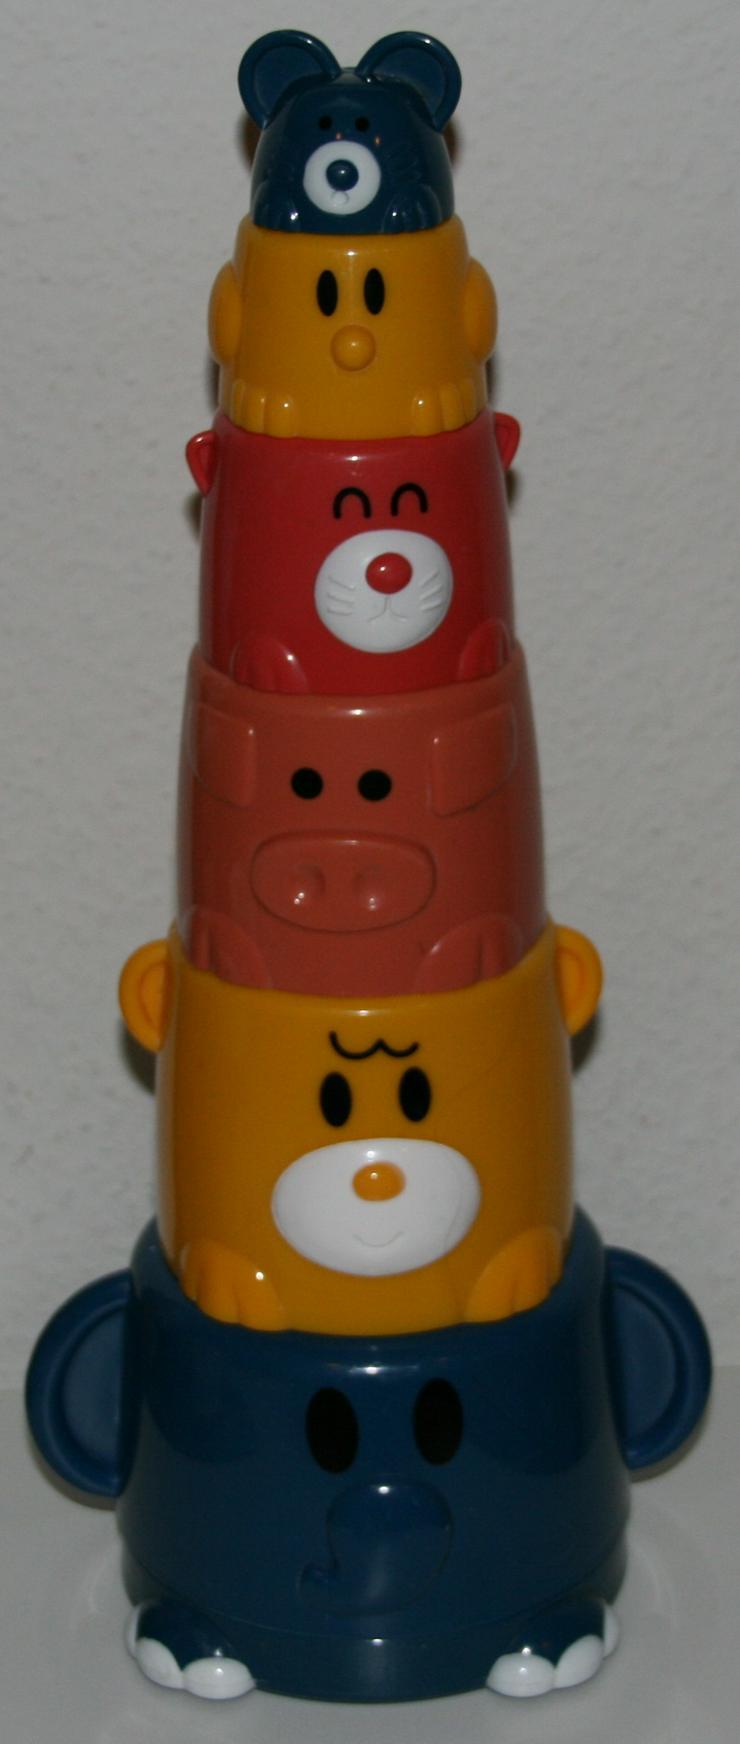 Bunter Becher-Stapel-Spaß beim Baden - mit Tier-Motiven - Spielzeug für Babys - Bild 1